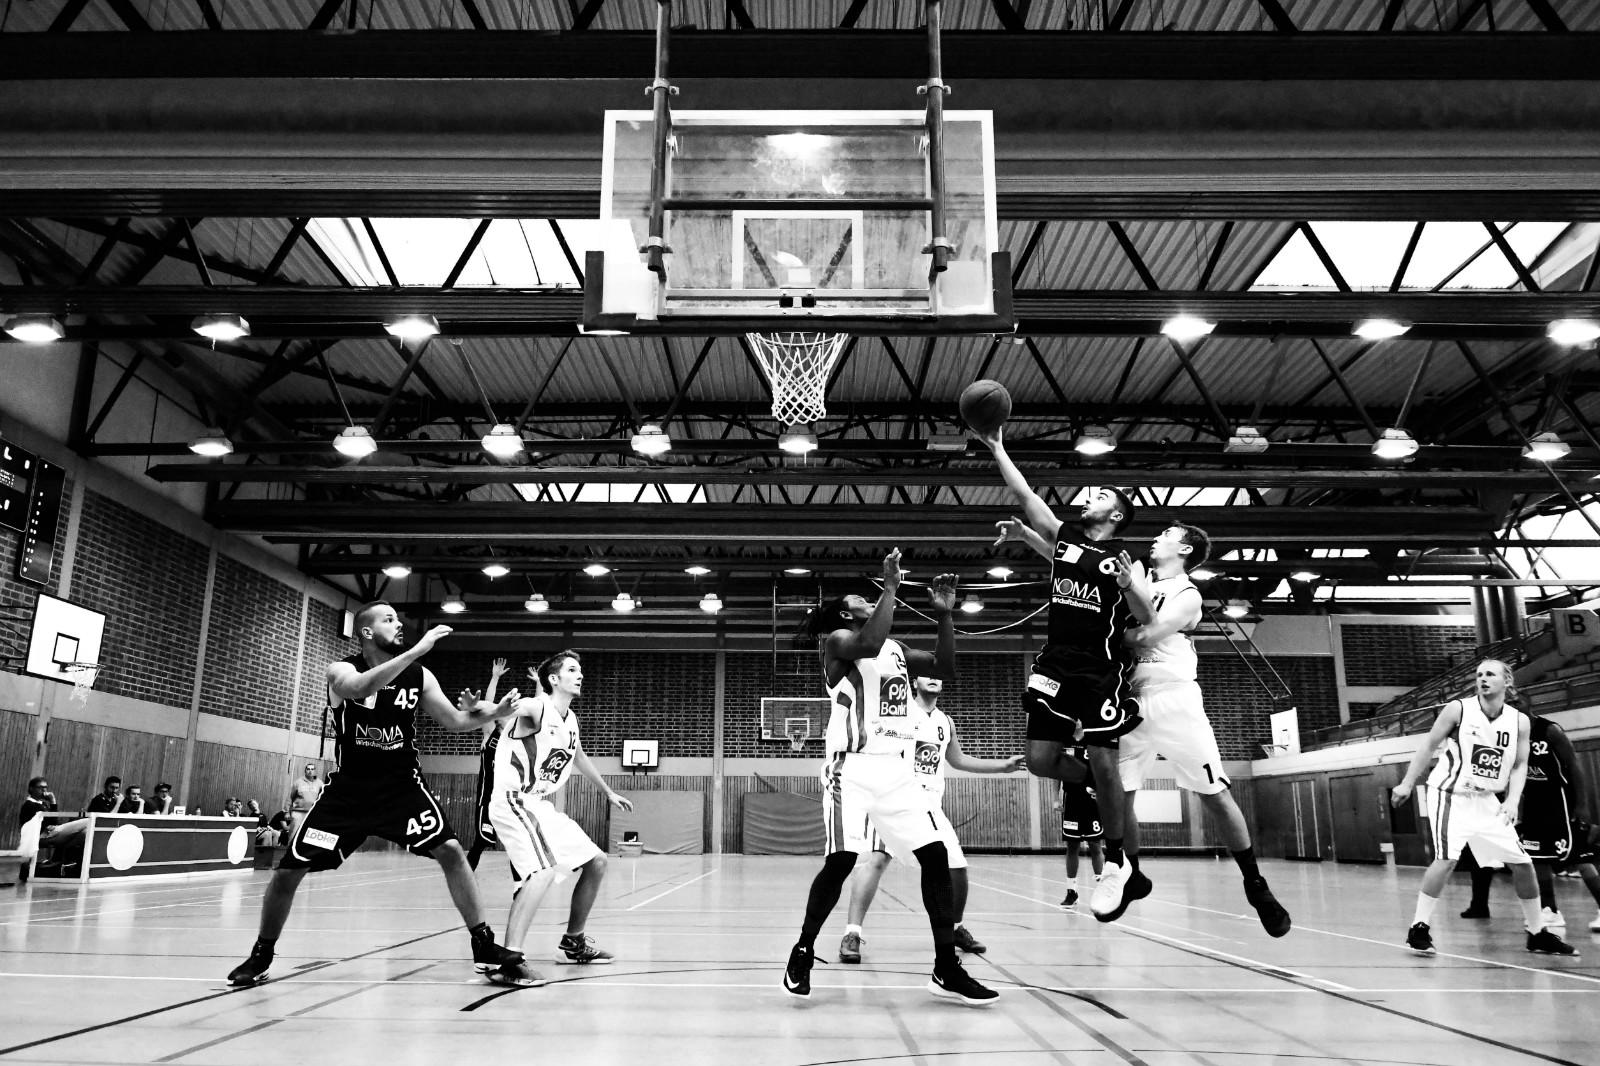 【企服观察】企业高管率队,17VS主办,珍品网冠名2018兄弟杯企业间赛事正式开战